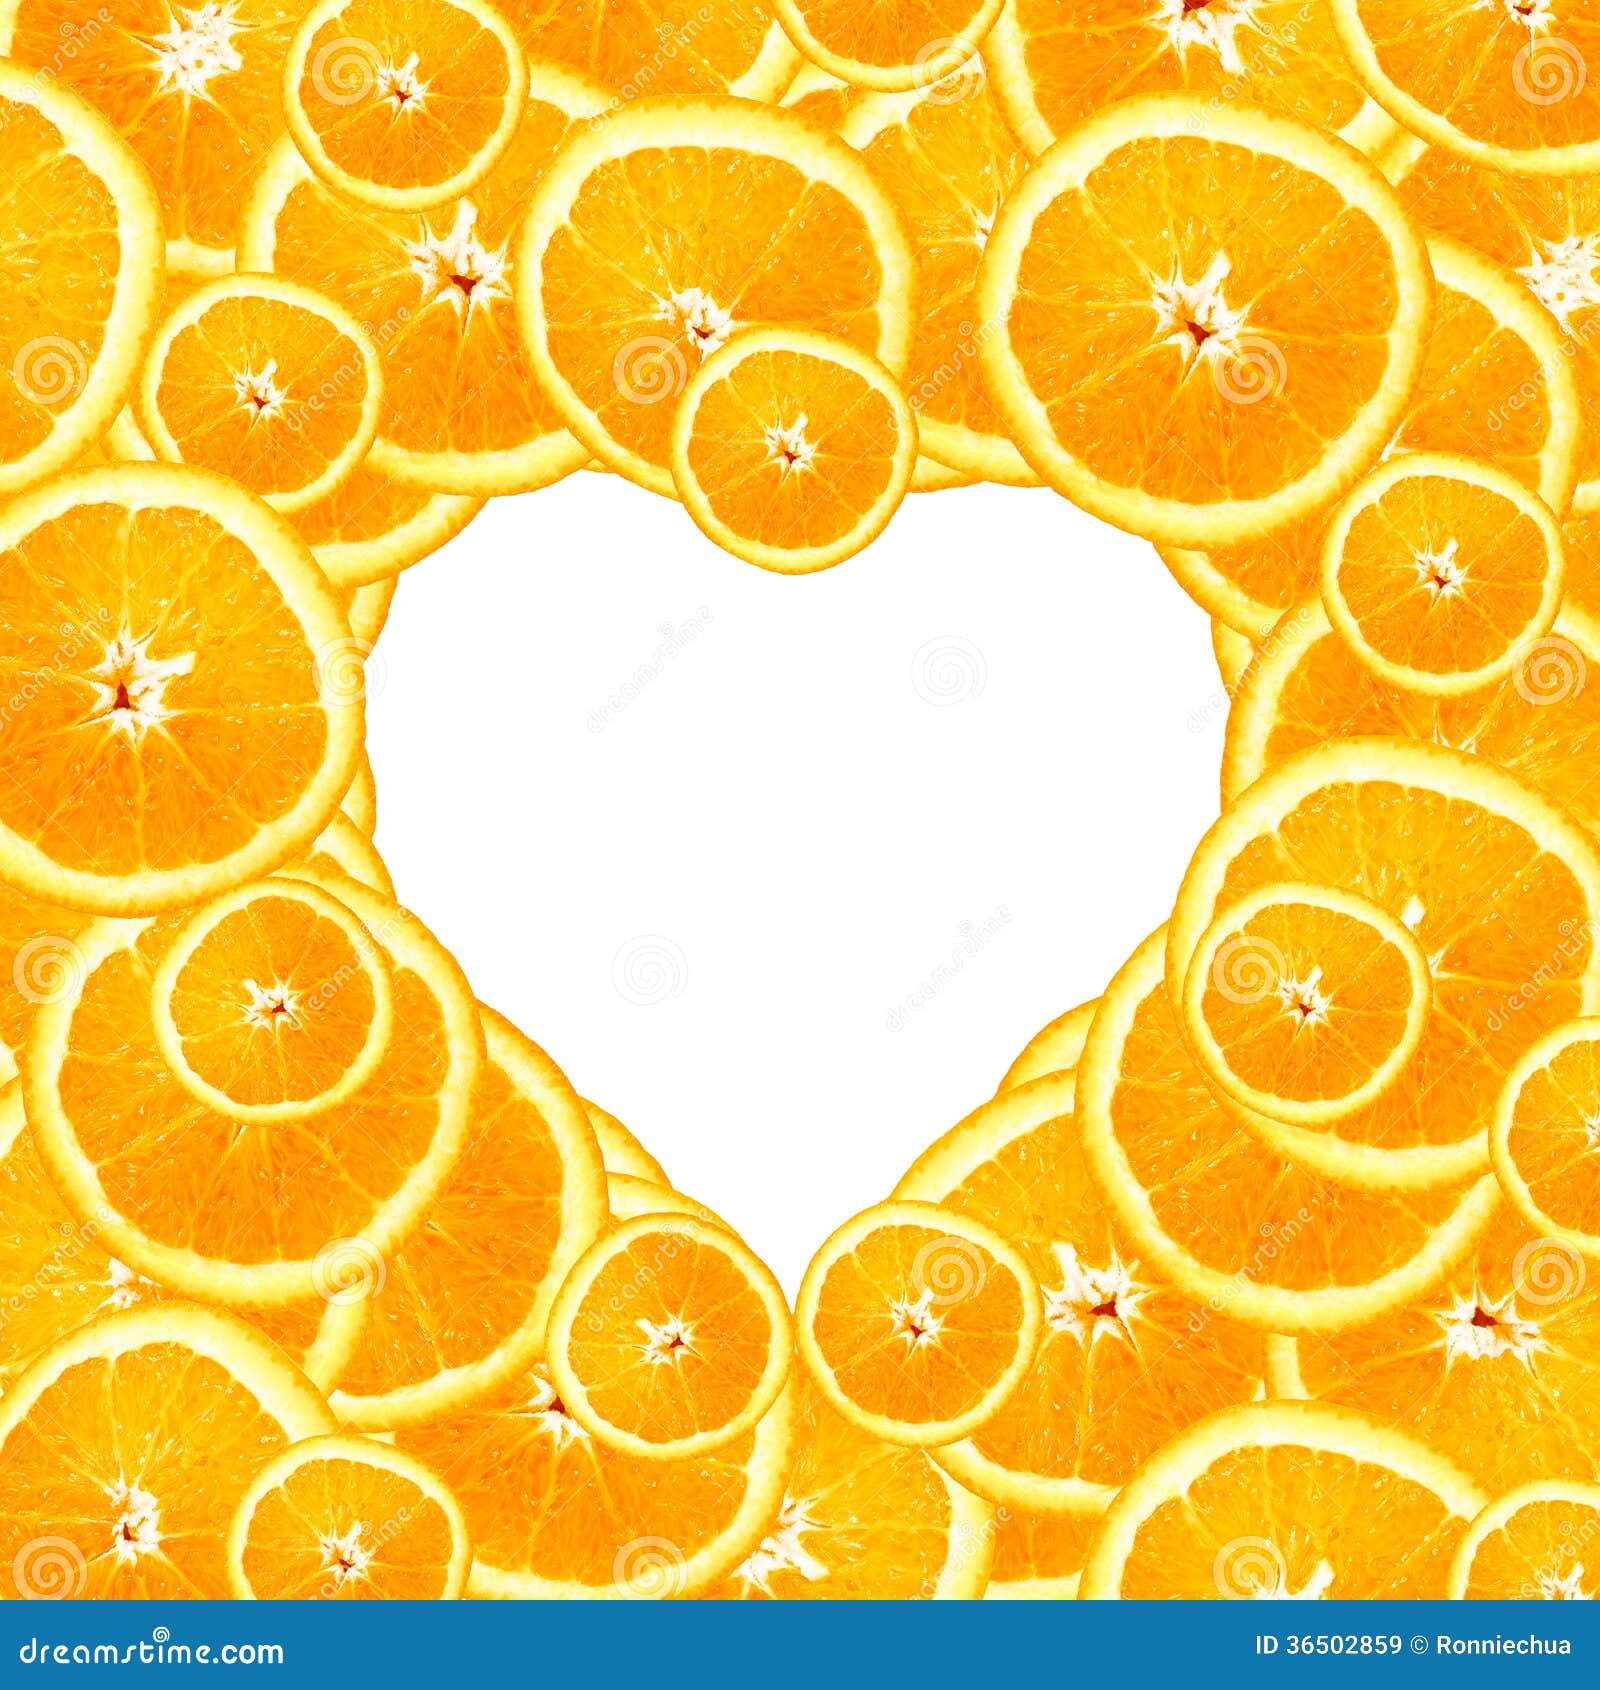 Tranches d orange douce à un arrière-plan de coeur